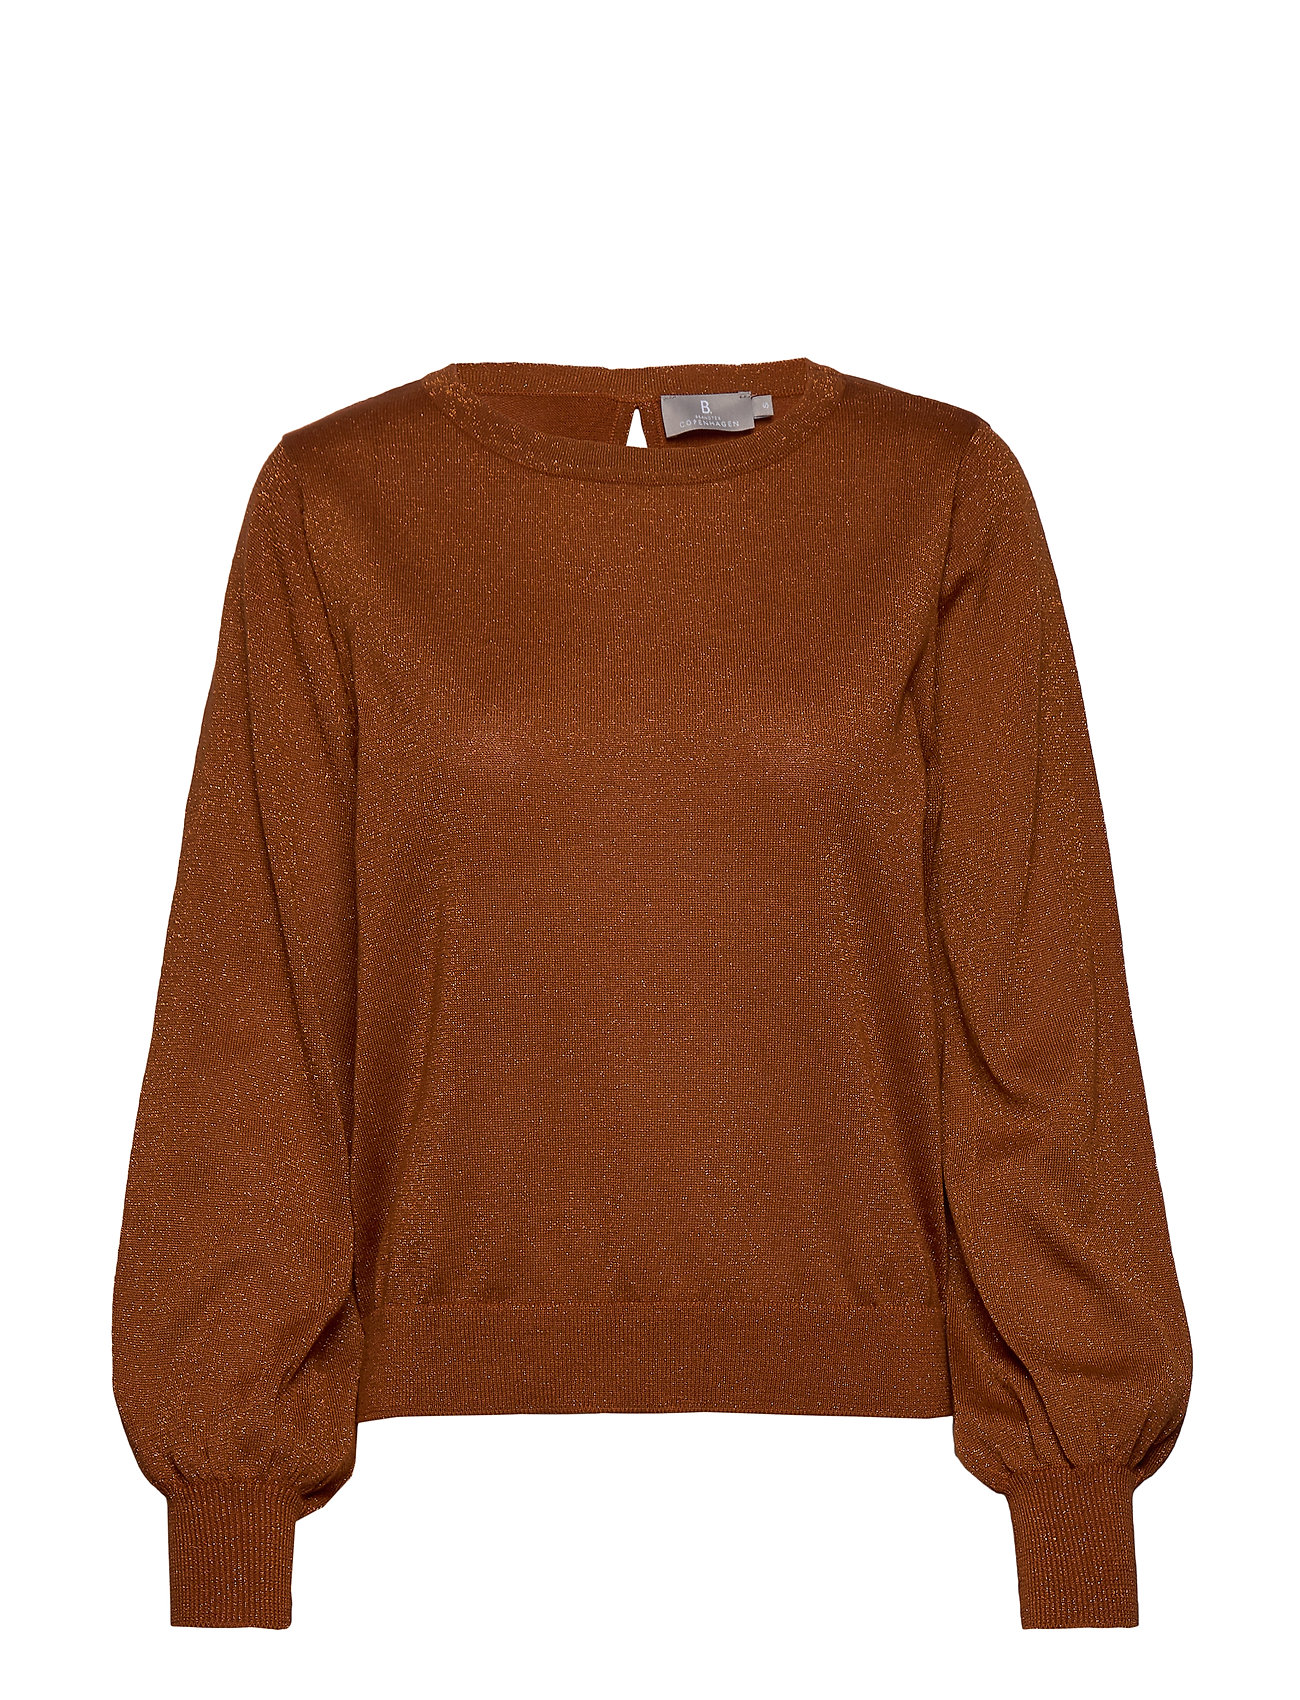 Brandtex Pullover-knit Light - GINGER BREAD